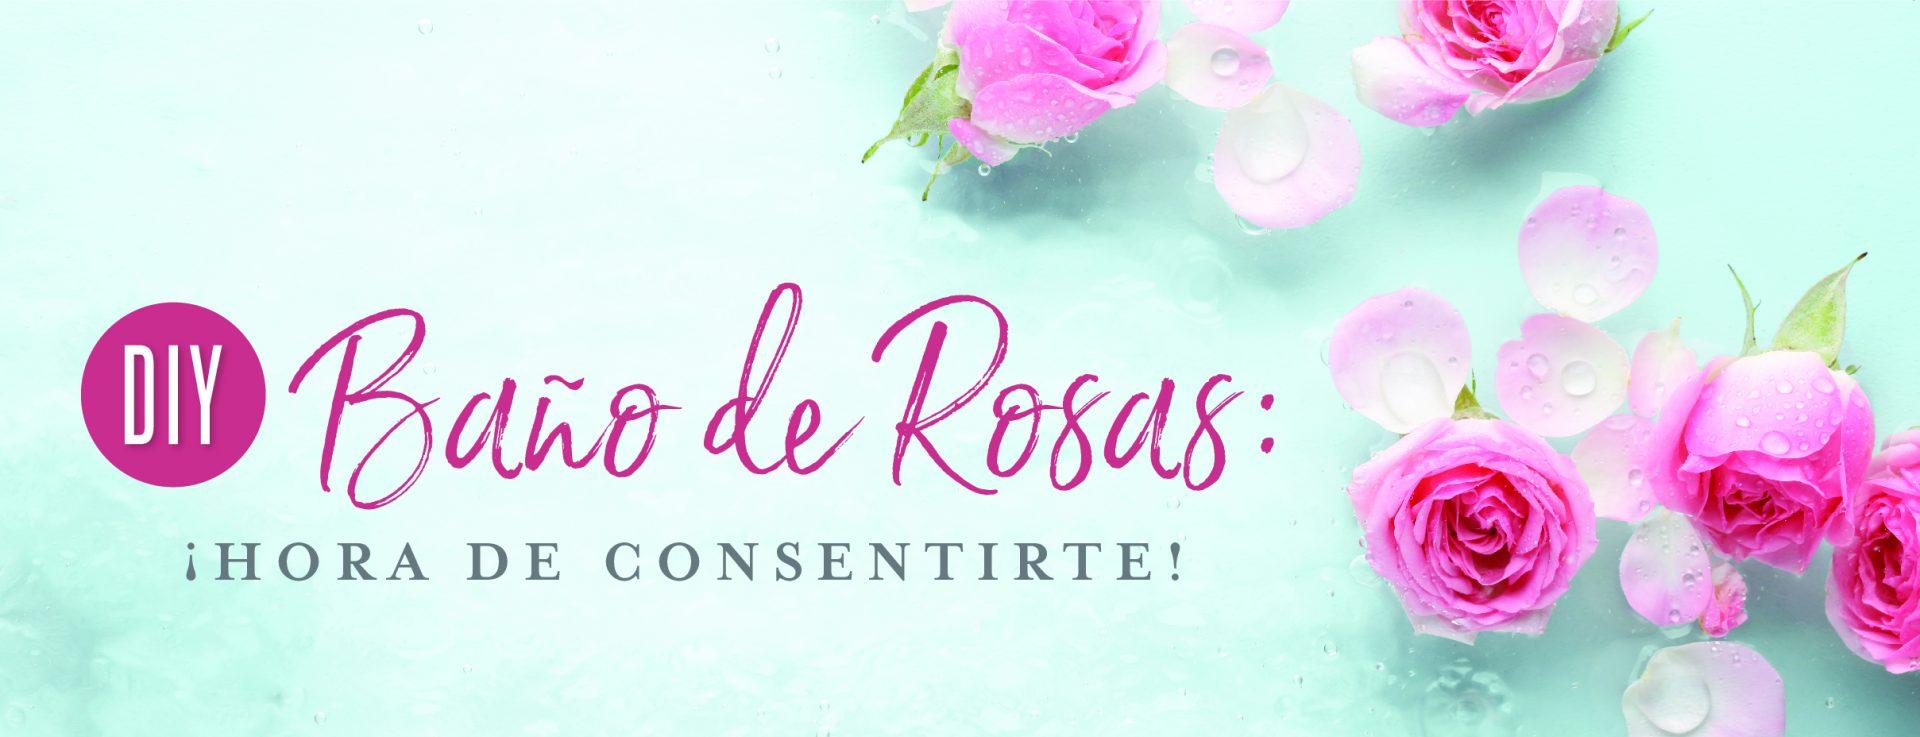 Baño de rosas